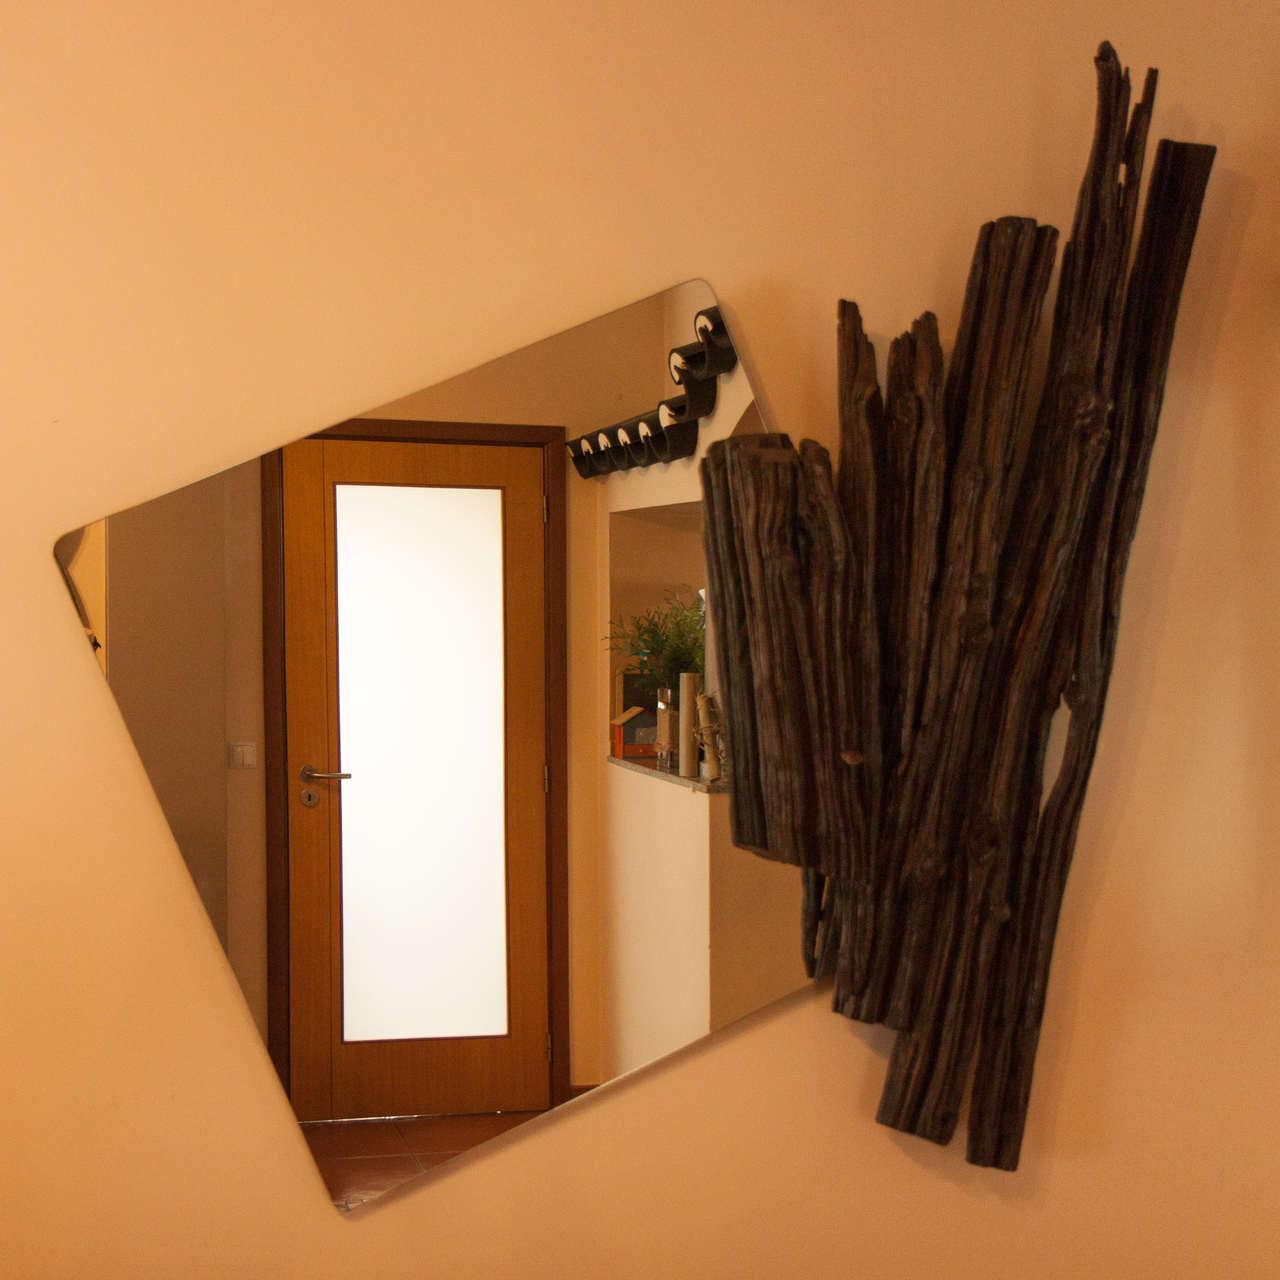 Espelho em Madeira | annorumvitae